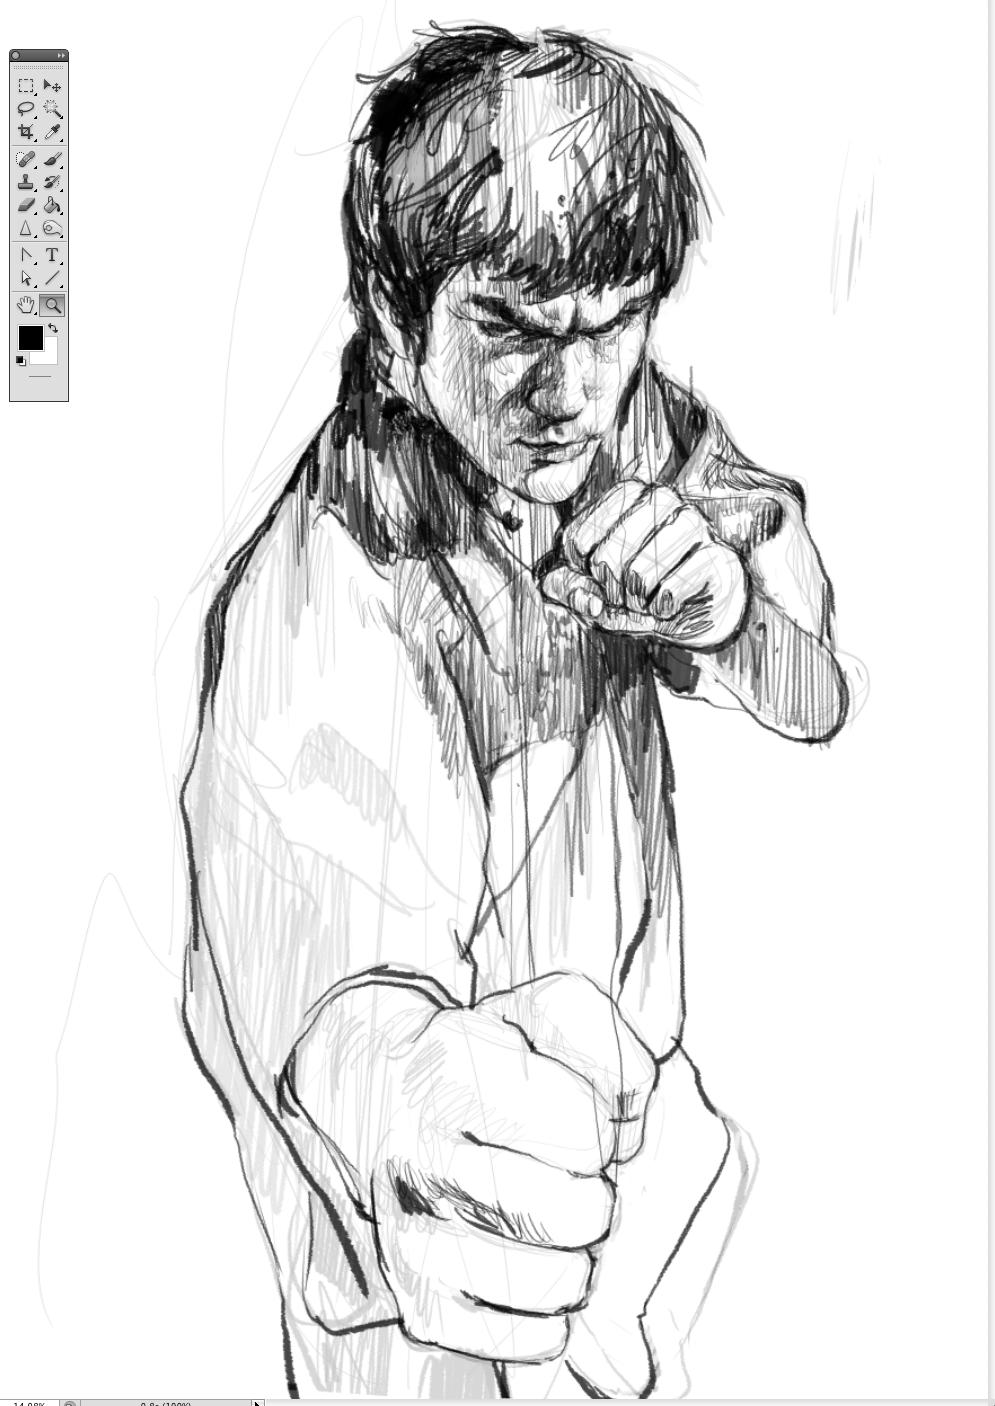 Bruce Lee App The Man Is Only Designed For Desktop Laptop Please Like Bruce Lee Art Bruce Lee Martial Arts Bruce Lee Pictures